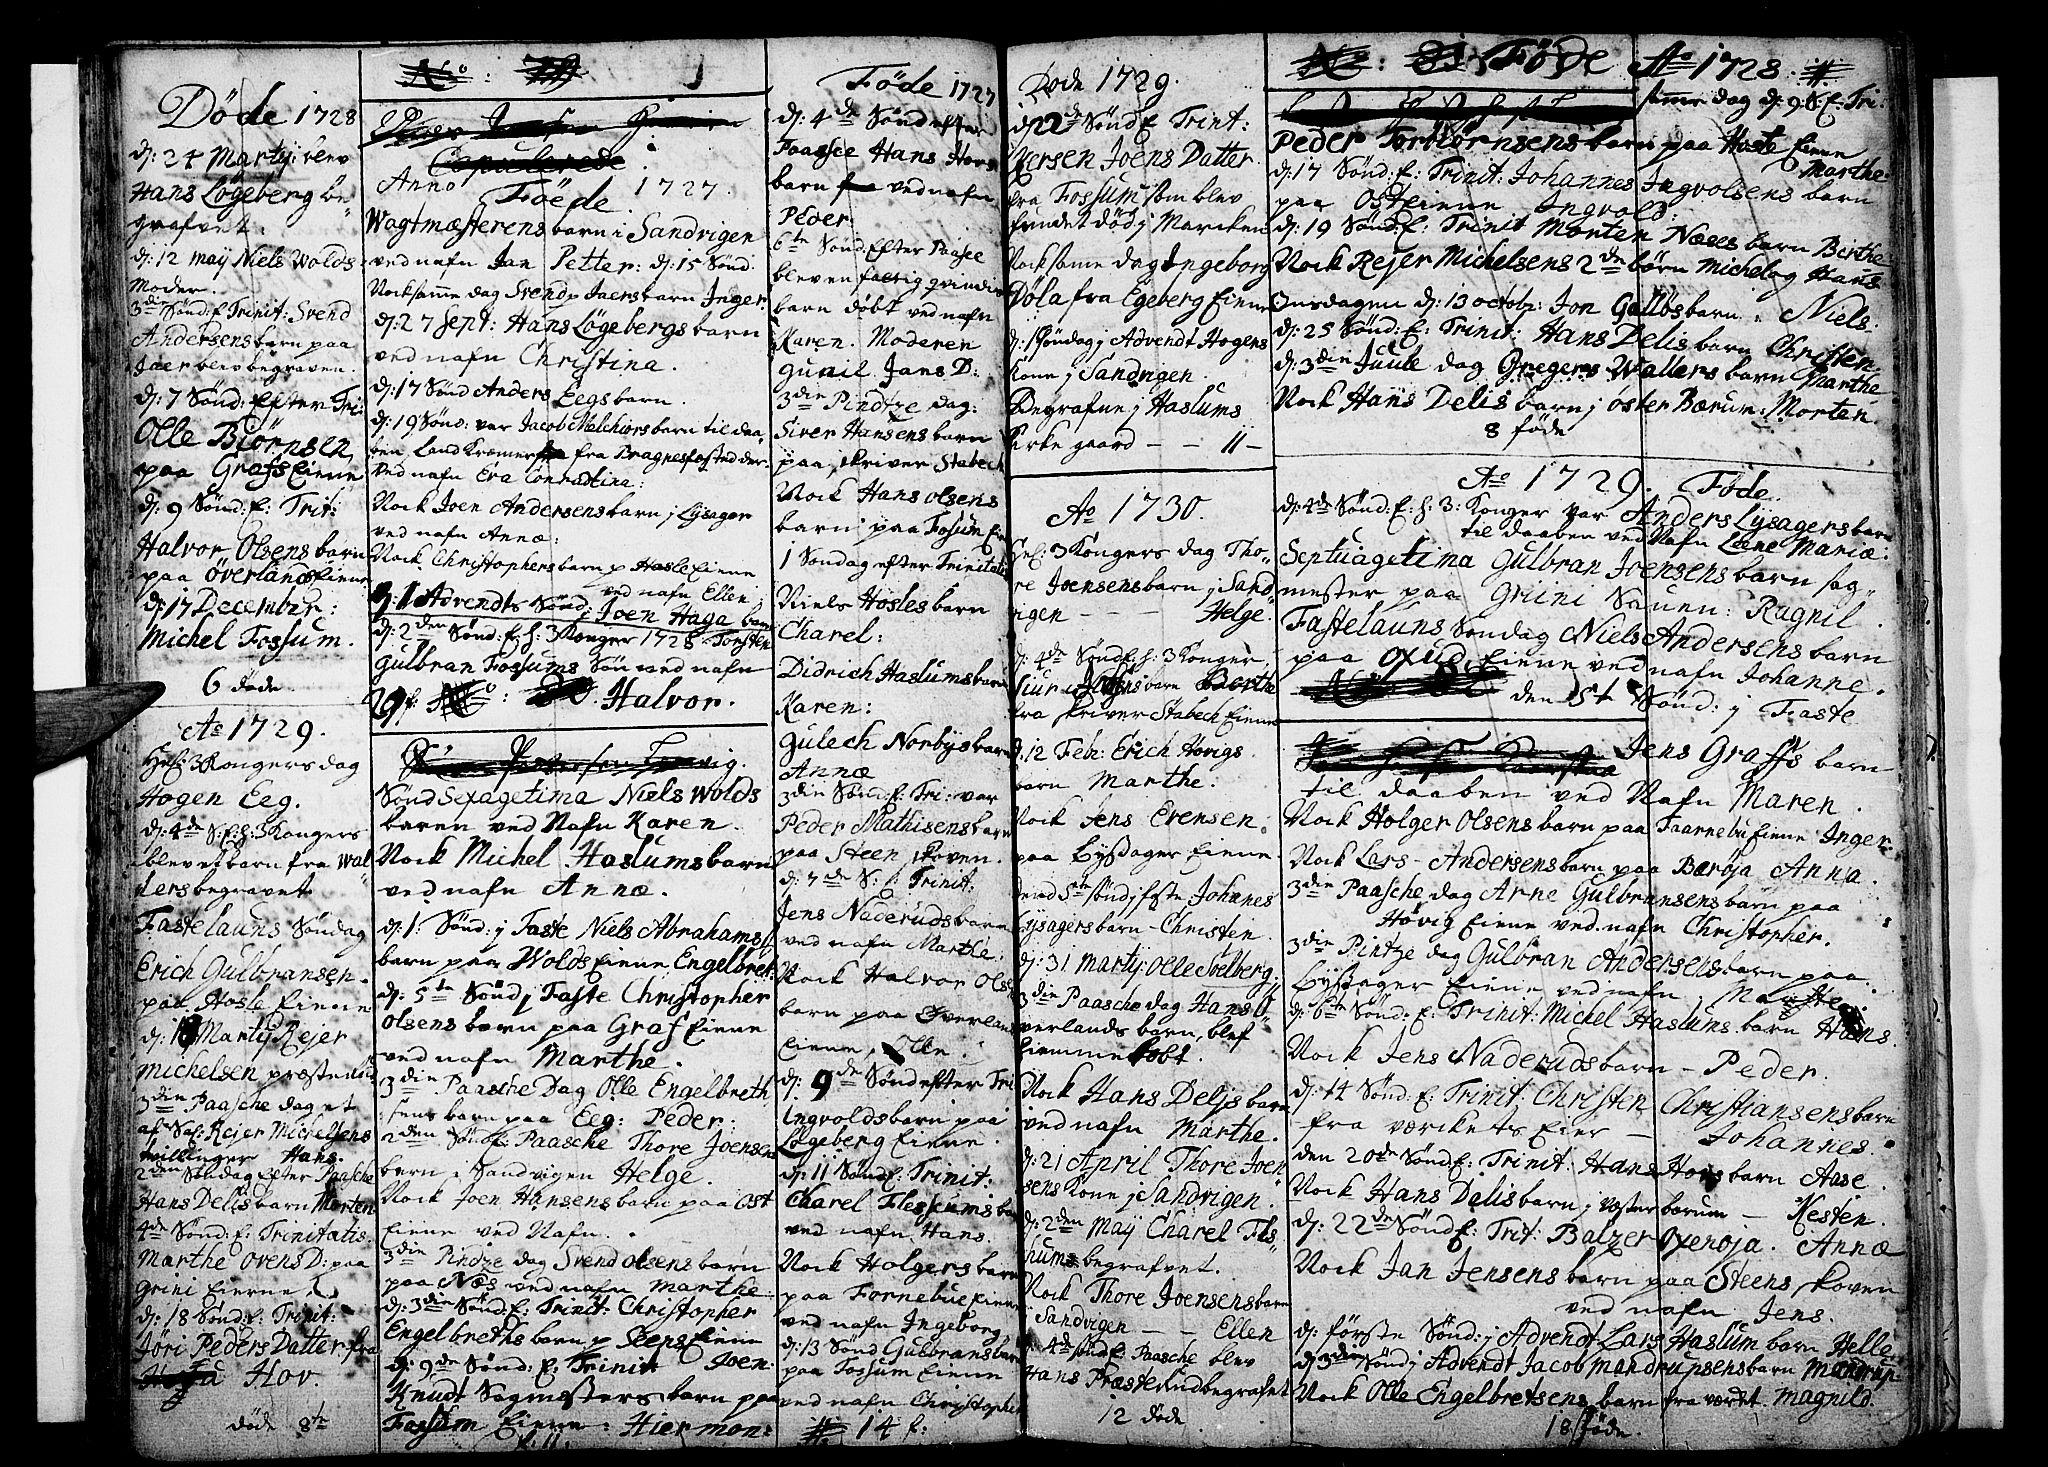 SAO, Asker prestekontor Kirkebøker, F/Fa/L0001: Ministerialbok nr. I 1, 1726-1744, s. 23